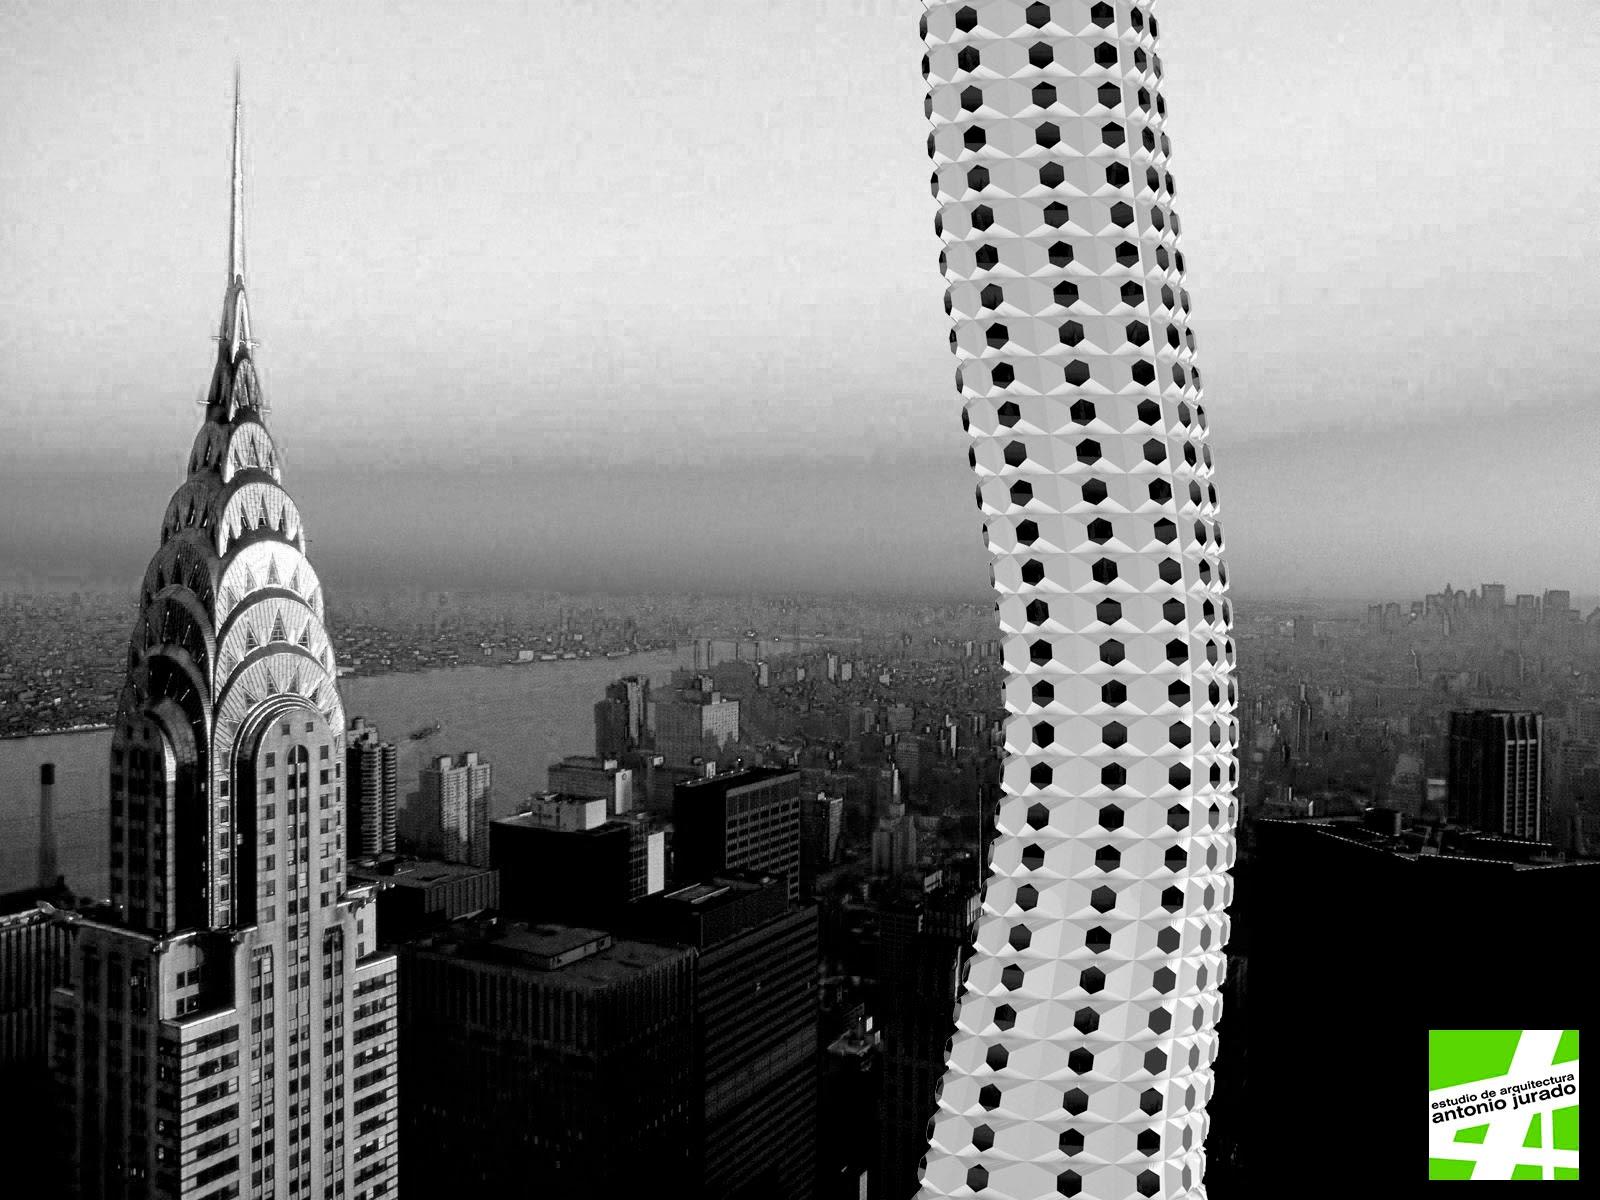 PARAMETRIC BOW TOWER ARCHITECT ANTONIO JURADO PARAMETRIC CAMP